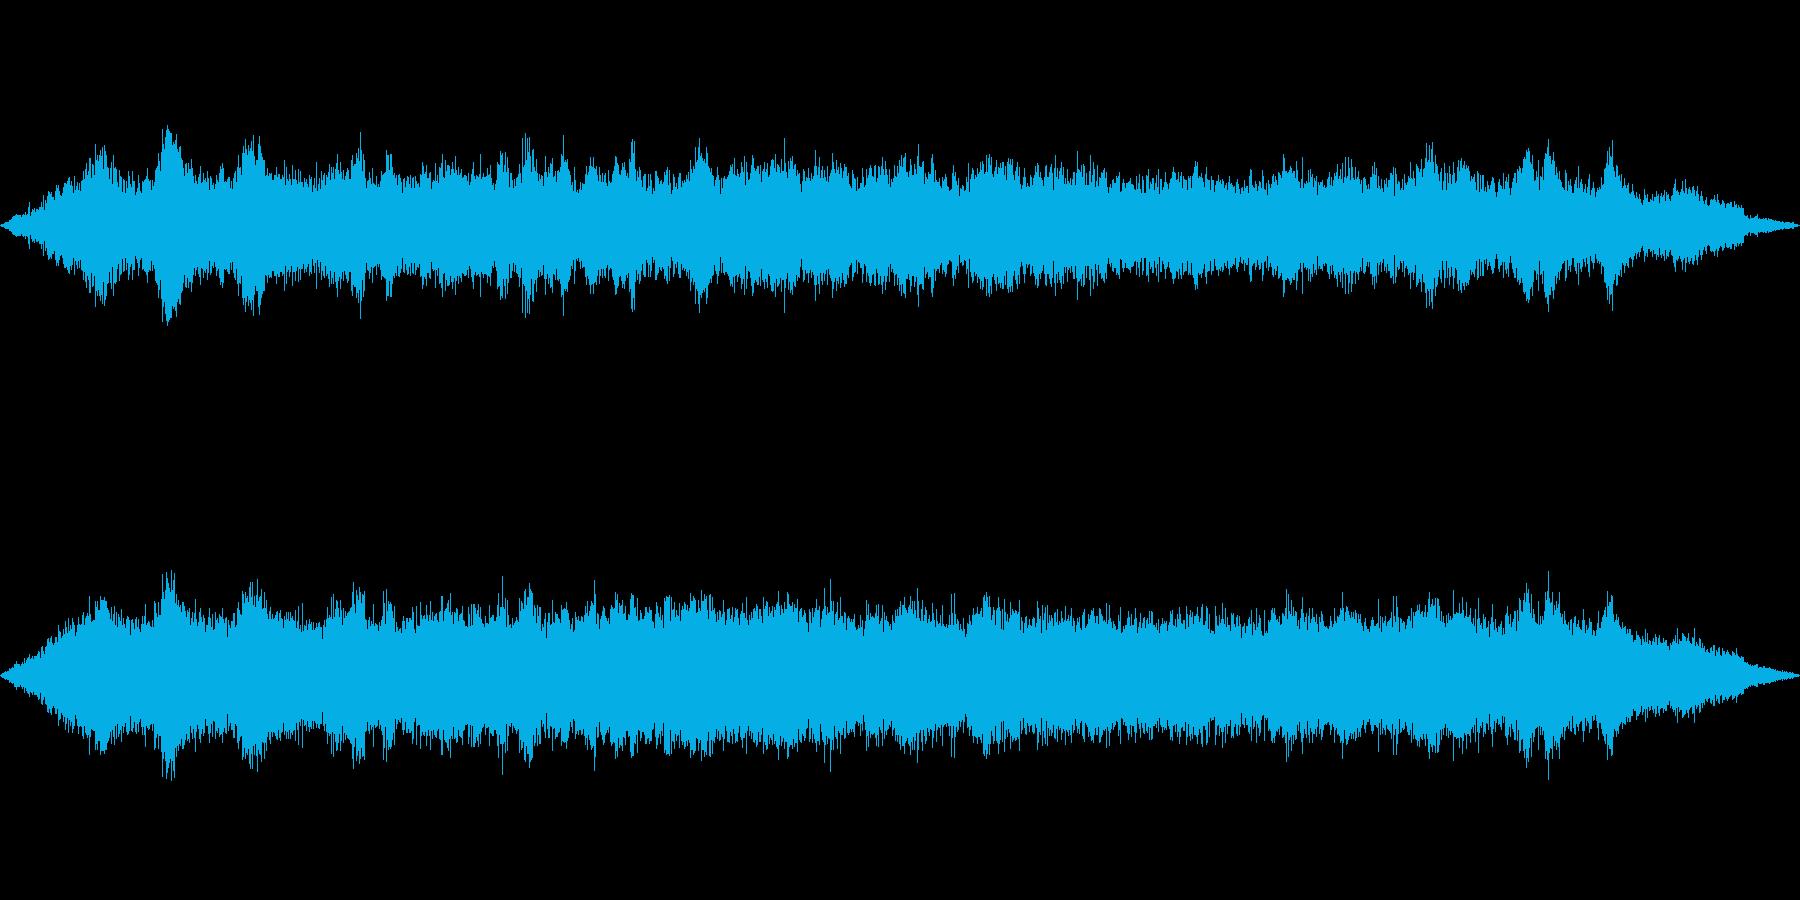 海 波 浜辺 海岸 カモメの環境音 13の再生済みの波形